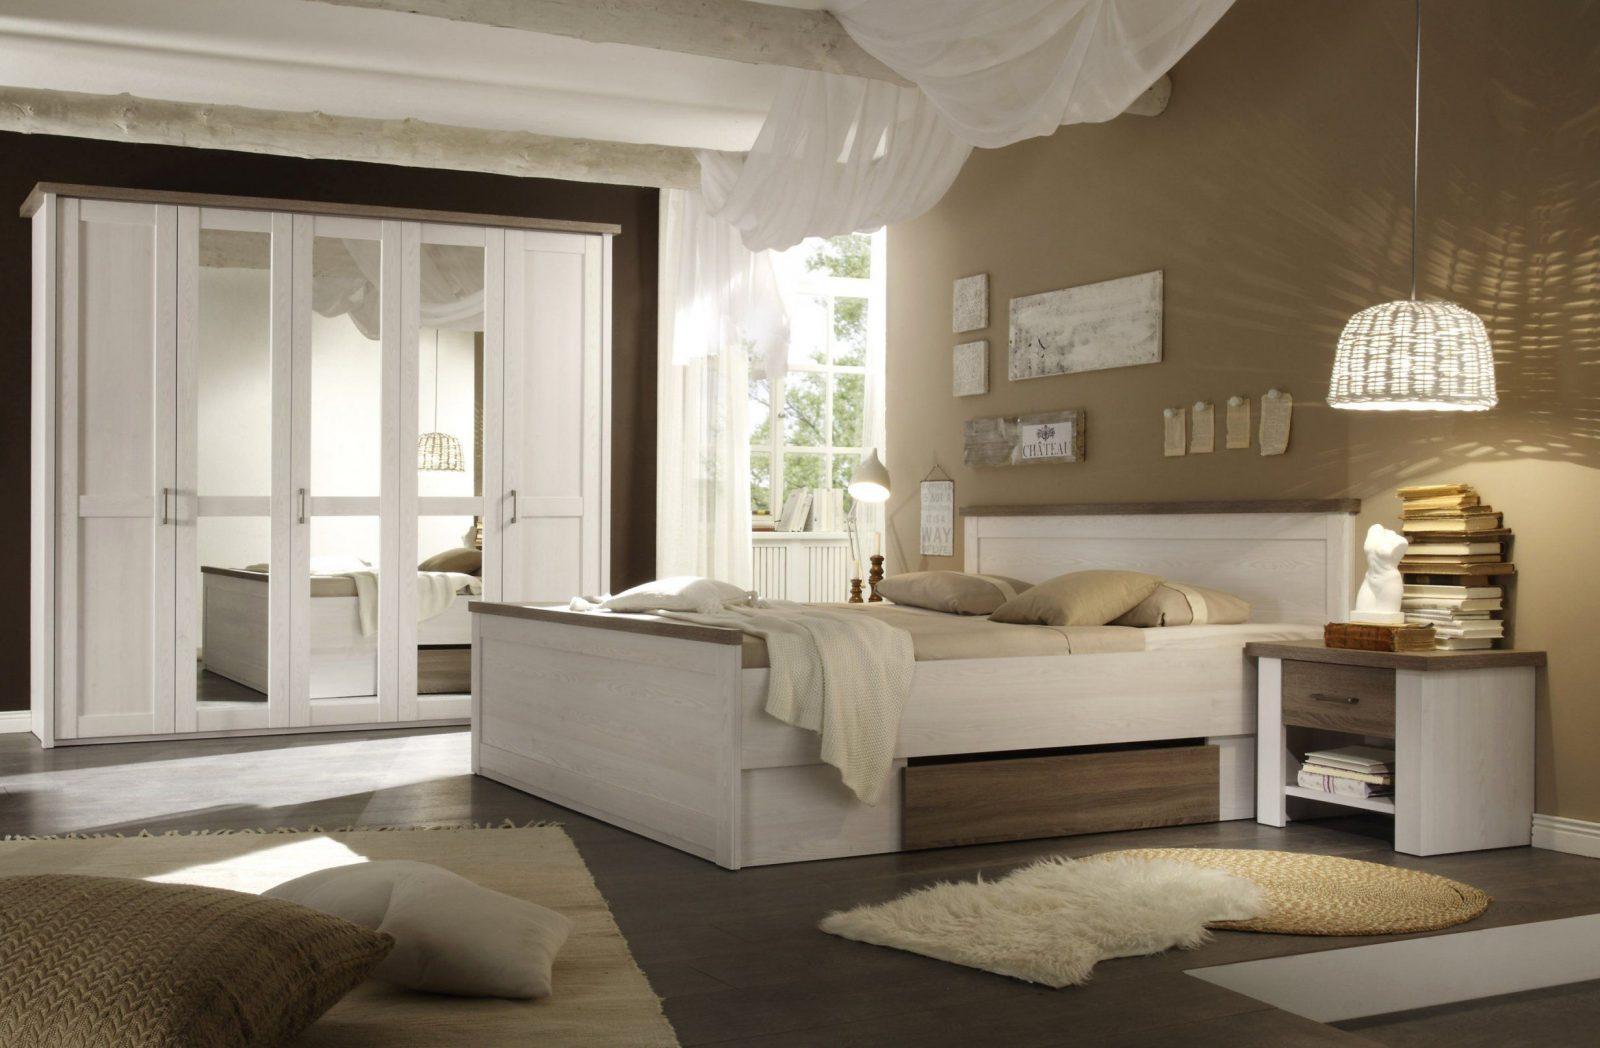 Dunkle Möbel Im Schlafzimmer Und Stilvolle Weiß Streichen Braun von Dunkle Möbel Weiß Streichen Photo